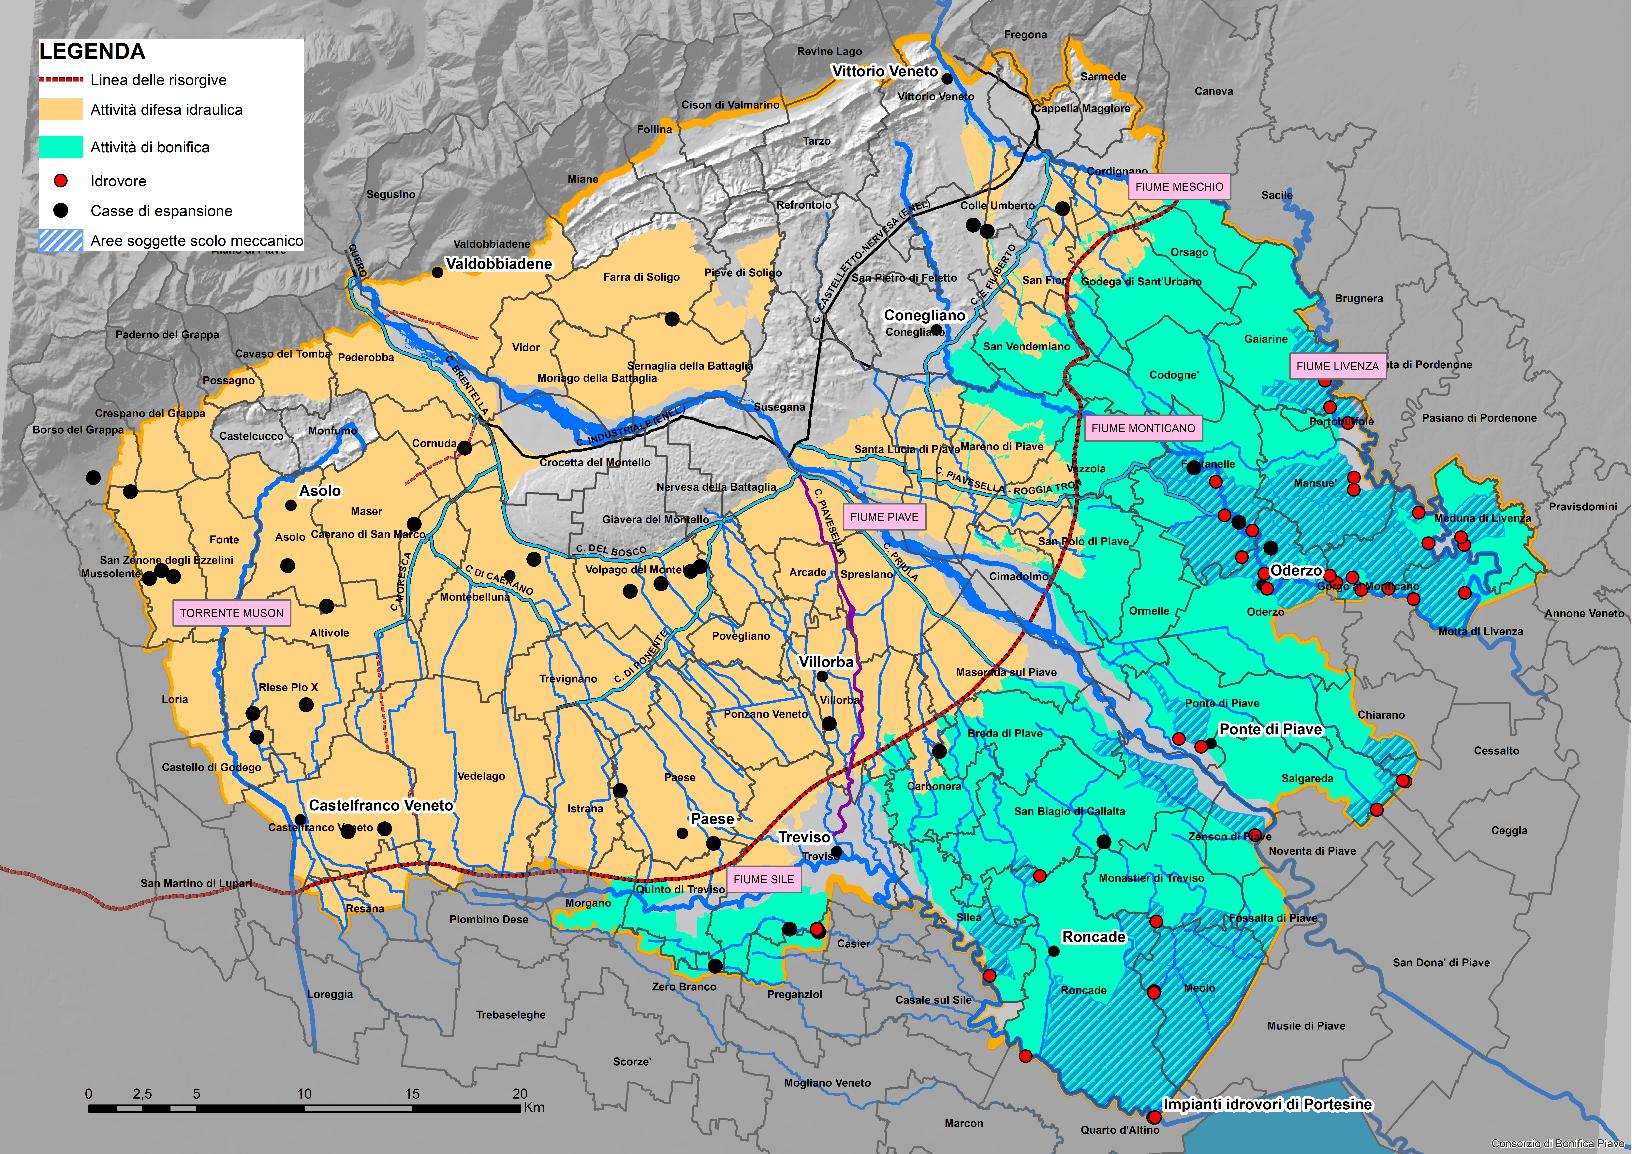 Il Consorzio Piave: area attività di bonifica e area attività difesa idraulica